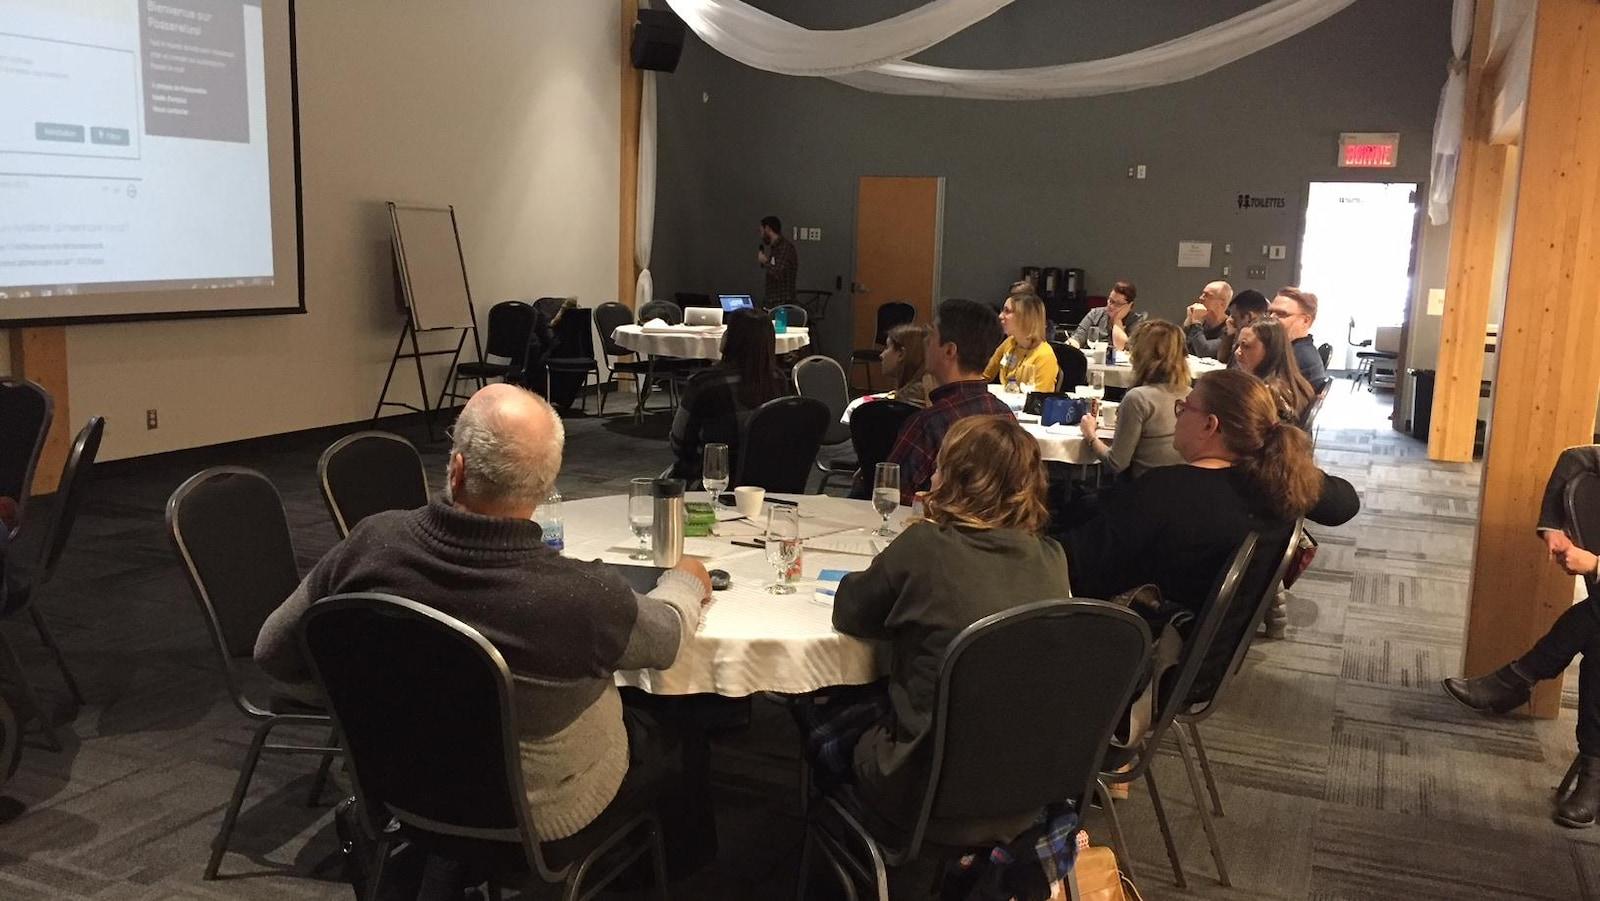 Des gens réunis lors d'un congrès regardent une présentation à l'écran.